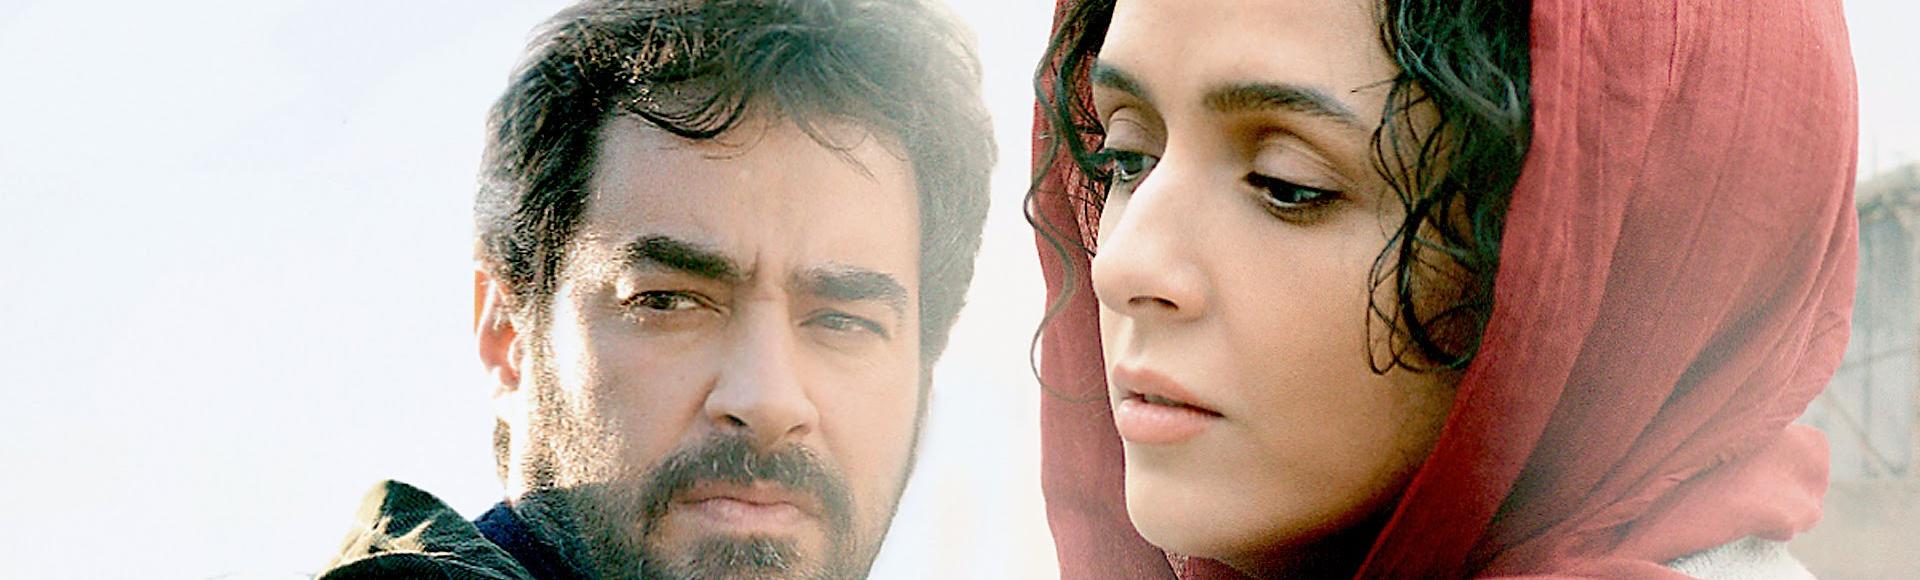 Ο εμποράκος του Aghar Farhadi